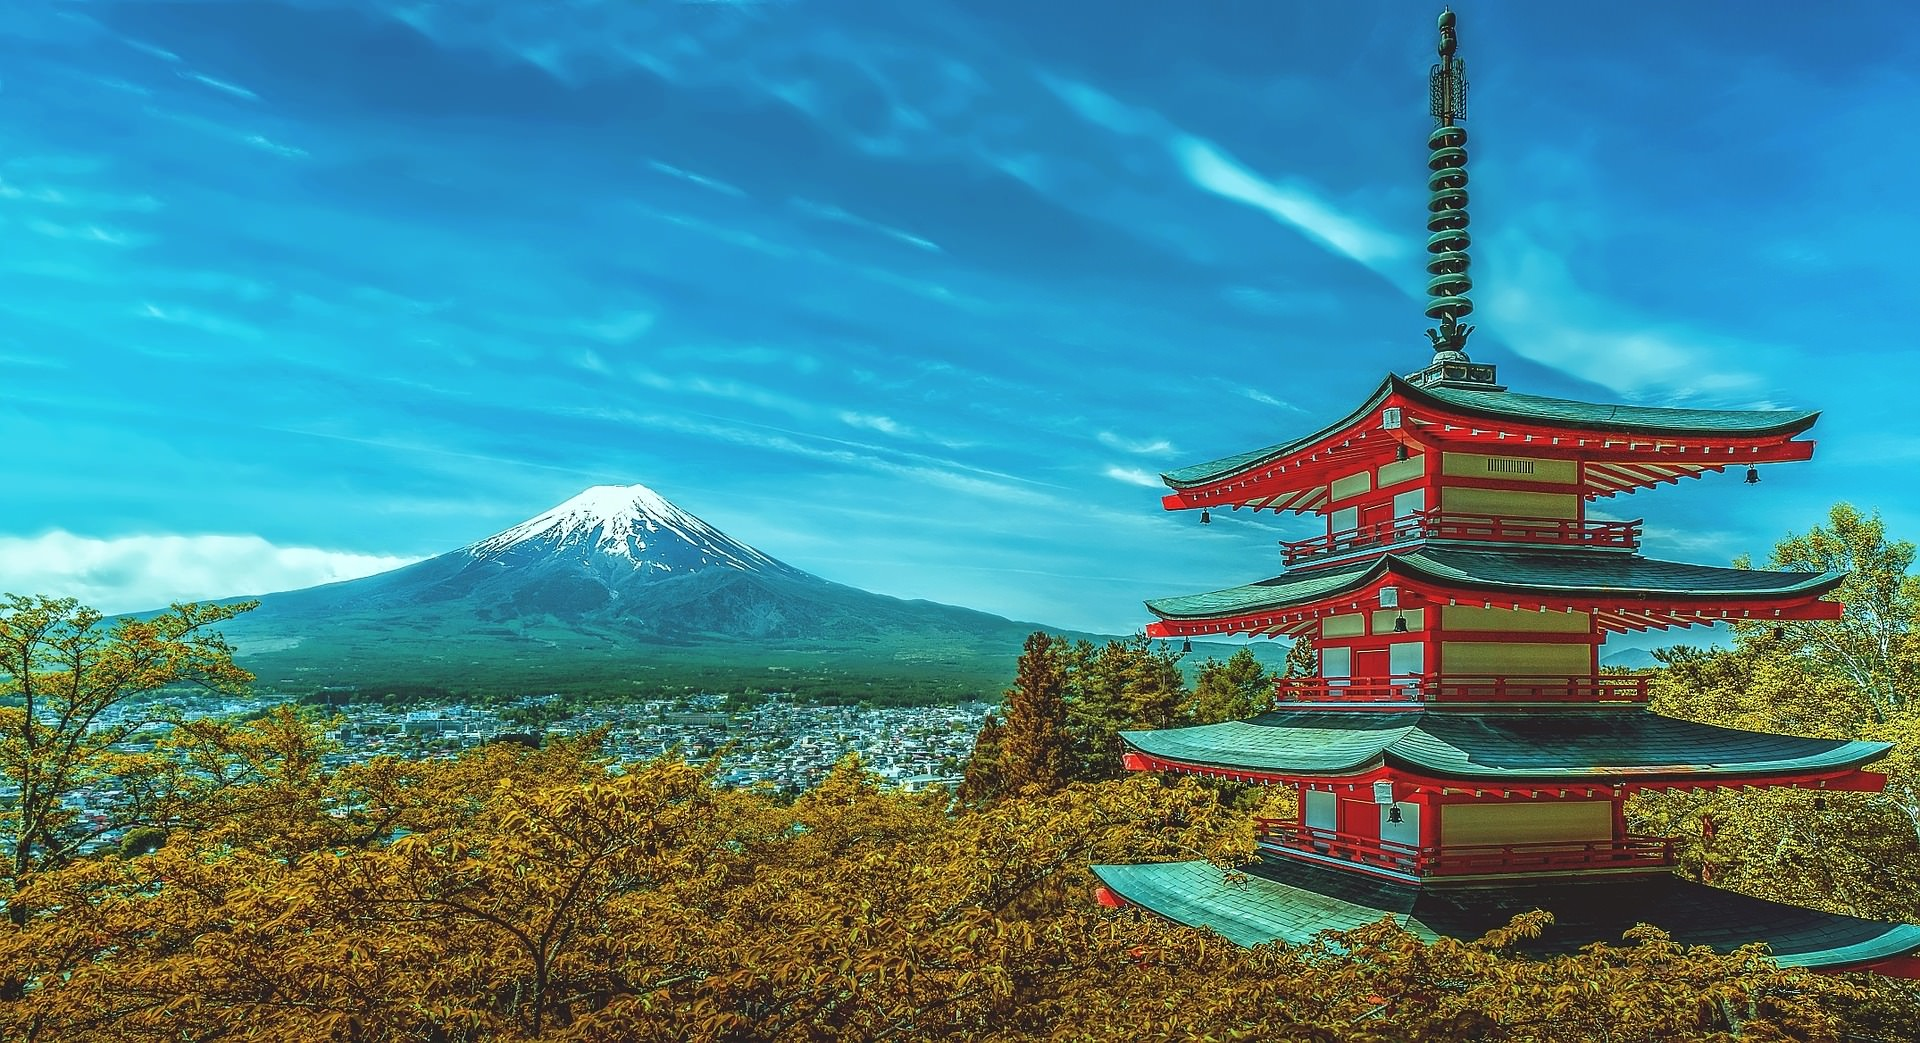 أجمل 10 عجائب طبيعية في اليابان